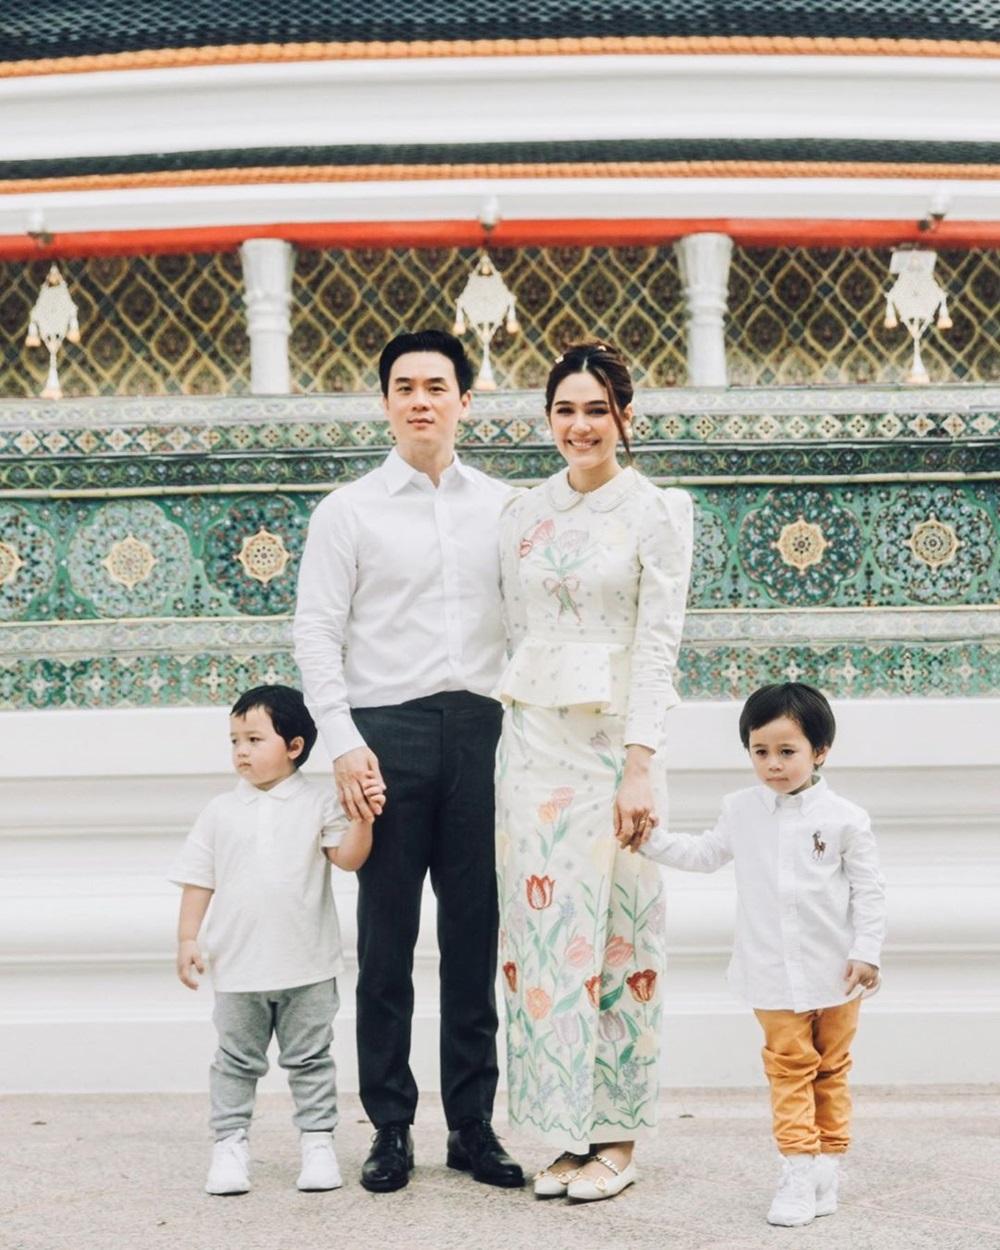 Ngày 7/7, trên Instagram, tỷ phú Nott Visrut (còn gọi Witsarut Rangsisingpipat) - chồng minh tinh Chompoo Araya (tên thật là Araya Alberta Hargate) - đăng ảnh vợ chồng anh và con sinh đôi kèm biểu tượng một nhà bốn người. Hình ảnh được người thân ghi lại lúc đại gia đình cùng đi chùa cầu nguyện. Chia sẻ của anh nhận hơn 160.000 lượt thích và bình luận. Đa số khen cặp sao tương xứng ngoại hình, ngưỡng mộ hôn nhân ngập tiếng cười của họ.